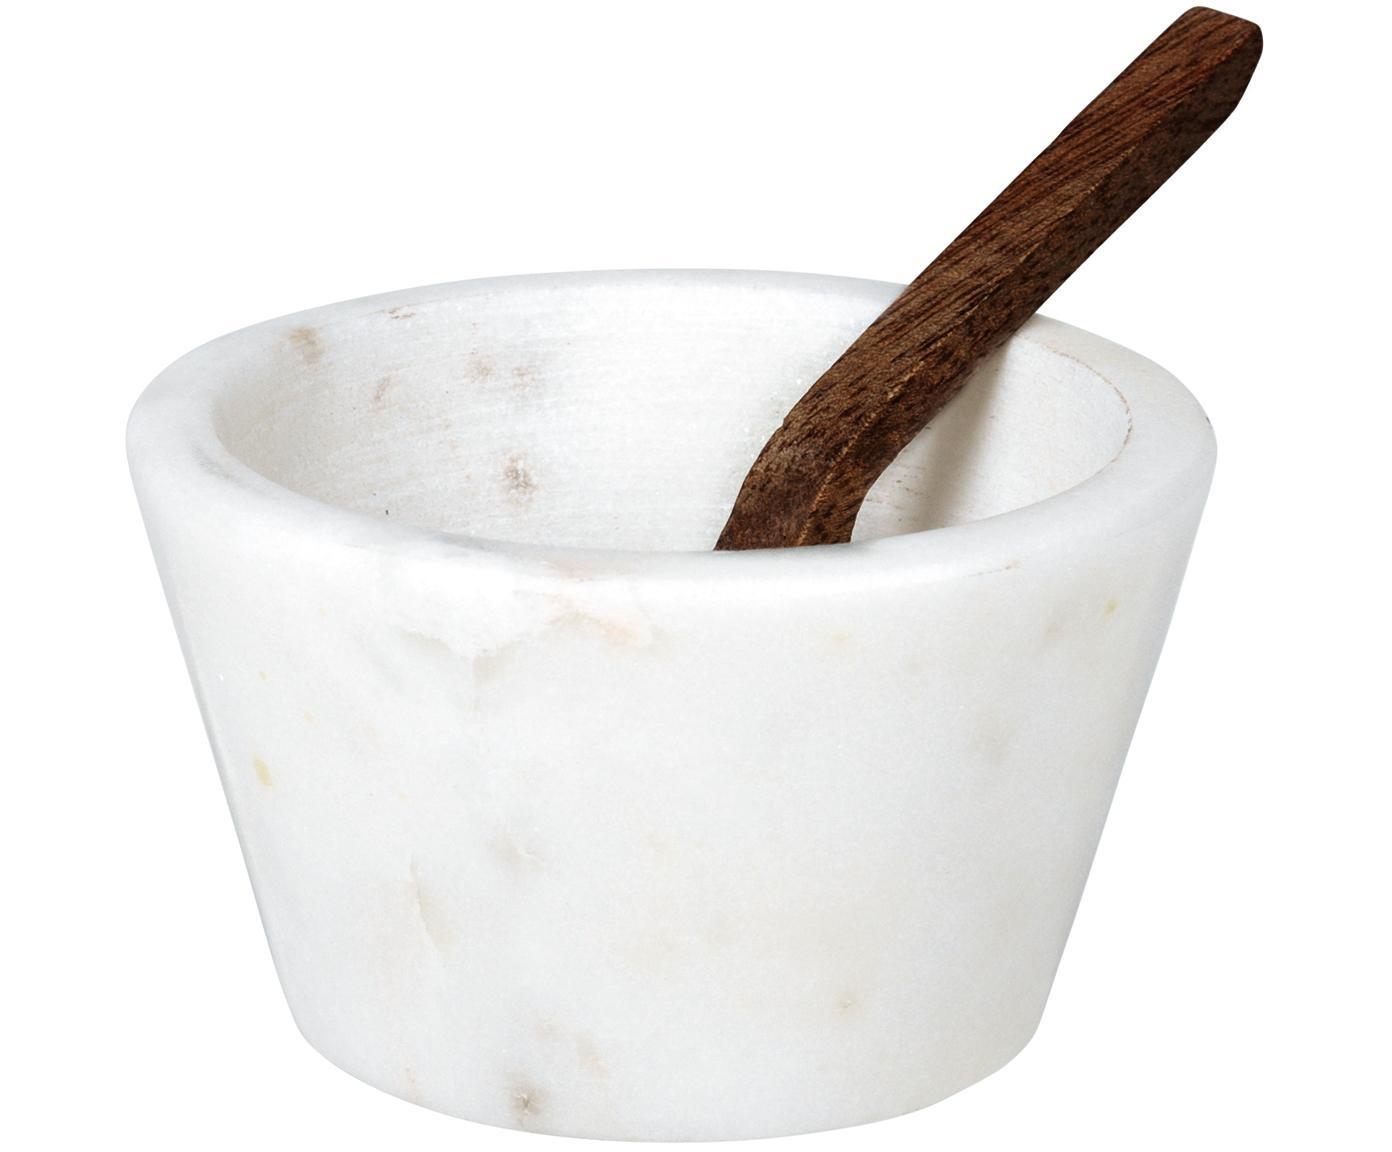 Ciotola in marmo Marble, Ciotola: marmo, Cucchiaio: legno di Sheesham, Bianco marmorizzato, legno di Sheesham, Ø 7 x Alt. 4 cm